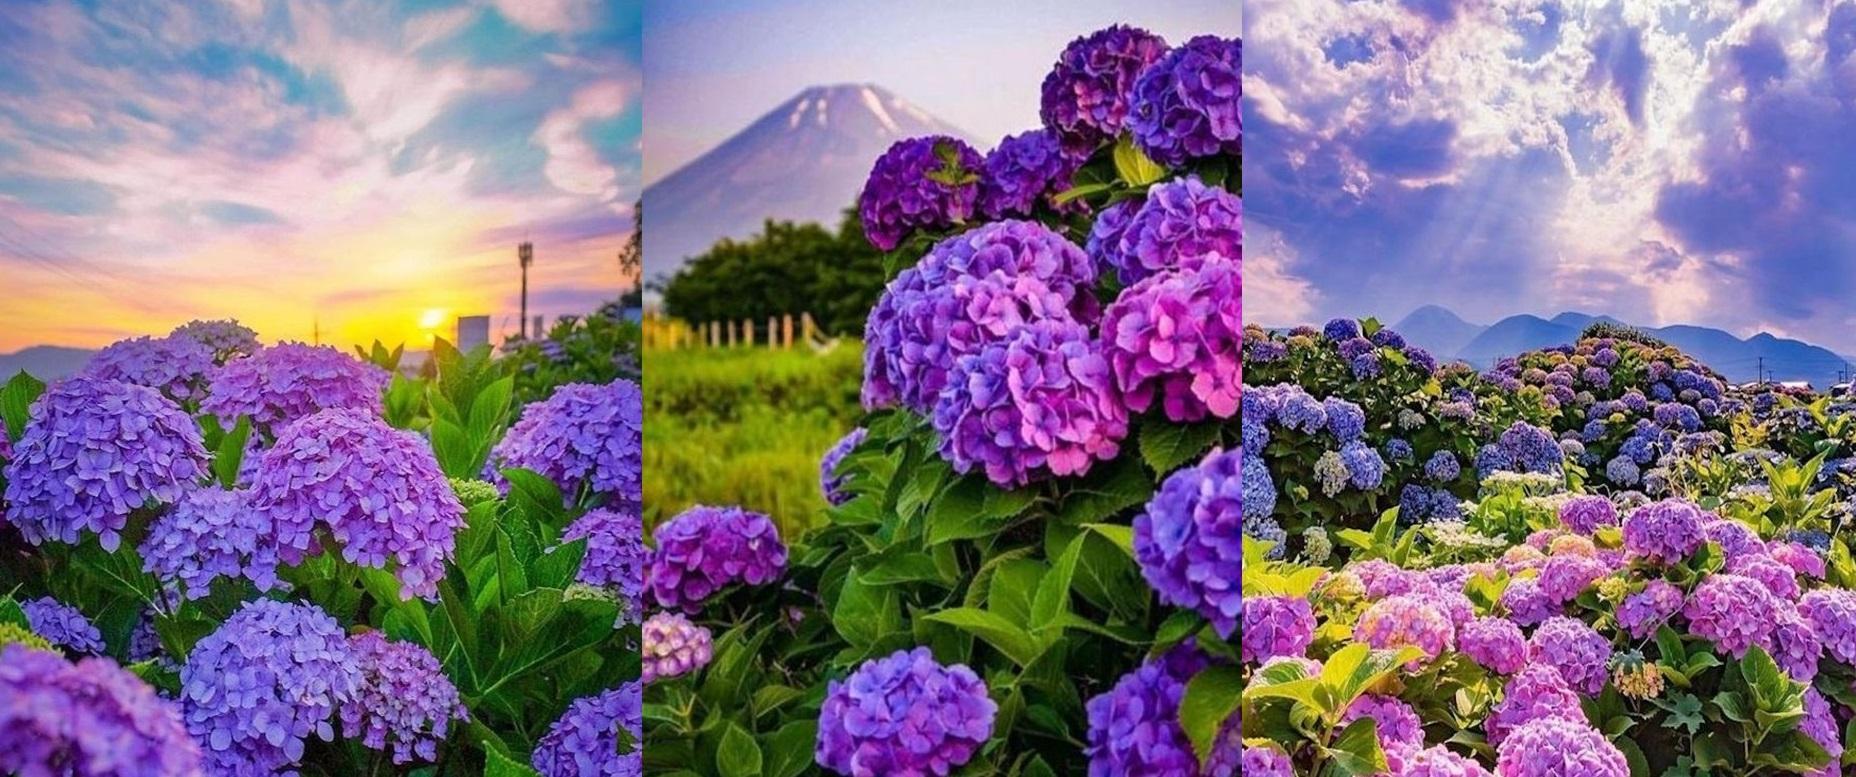 Cum sa provoci inflorirea hortensiilor pentru a crea un spectacol minunat colorat in gradina ta. GALERIE FOTO!